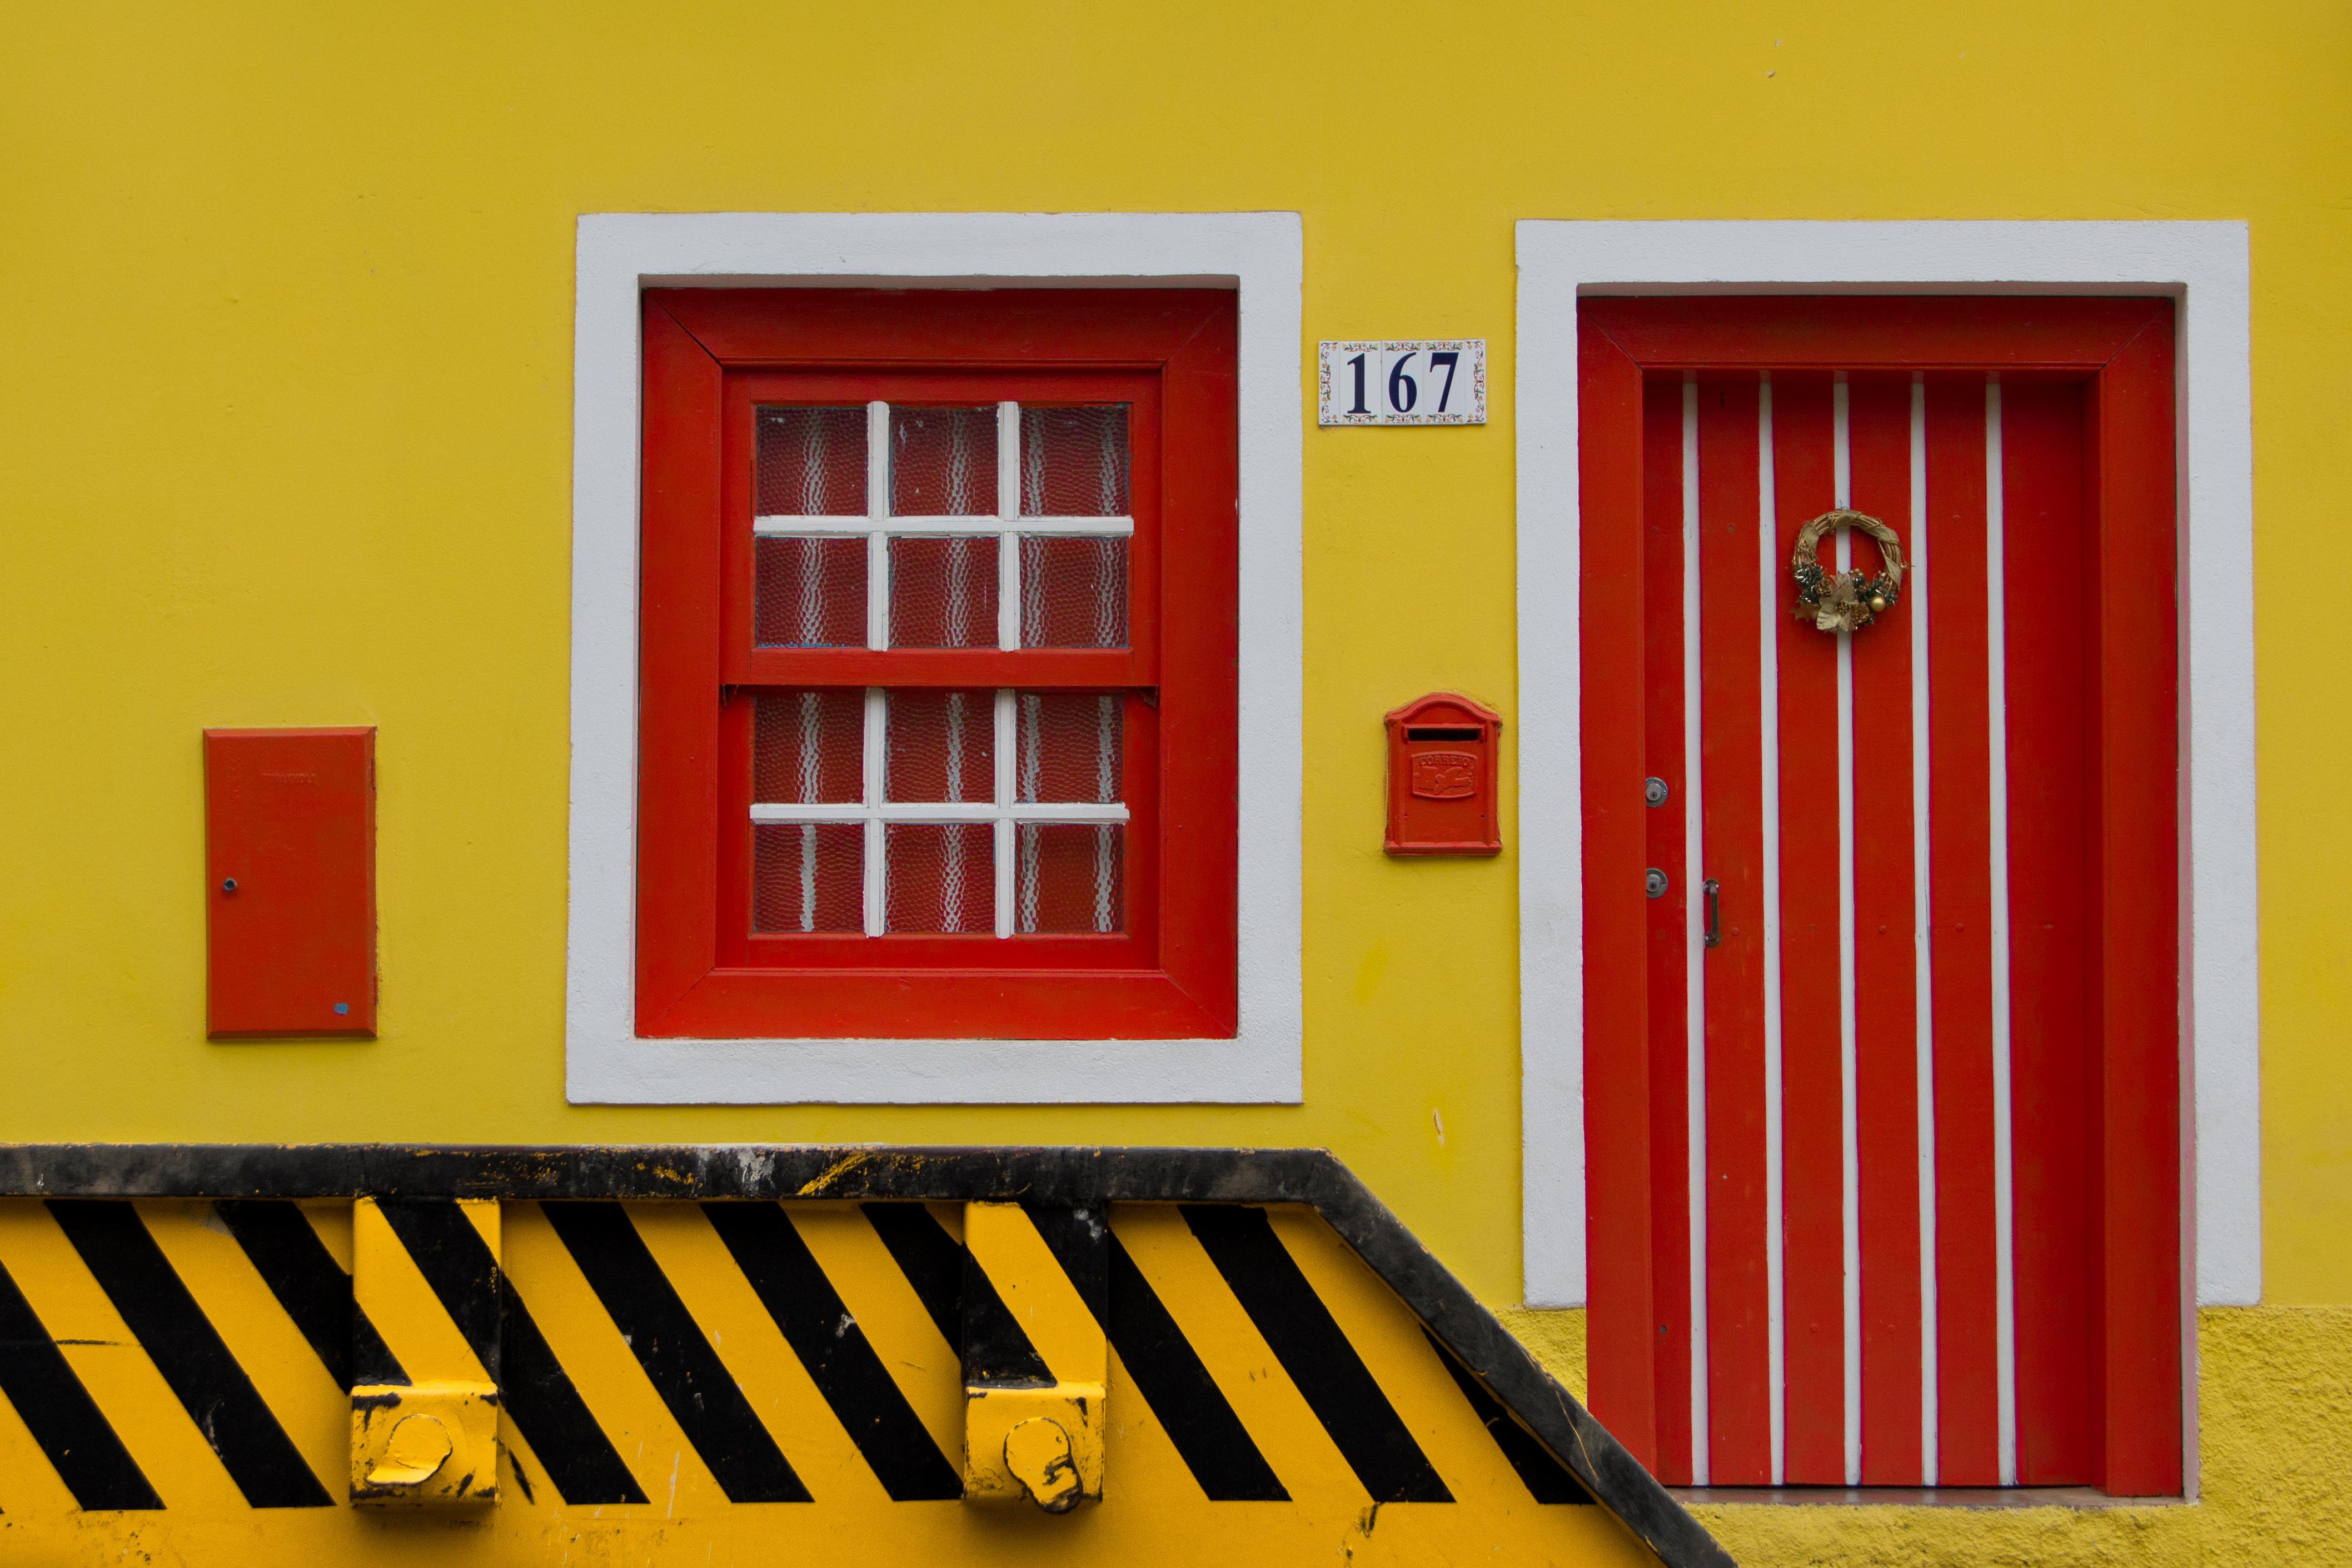 hintergrundbilder : tür, farbe, fenster, farben, schön, linien, gelb